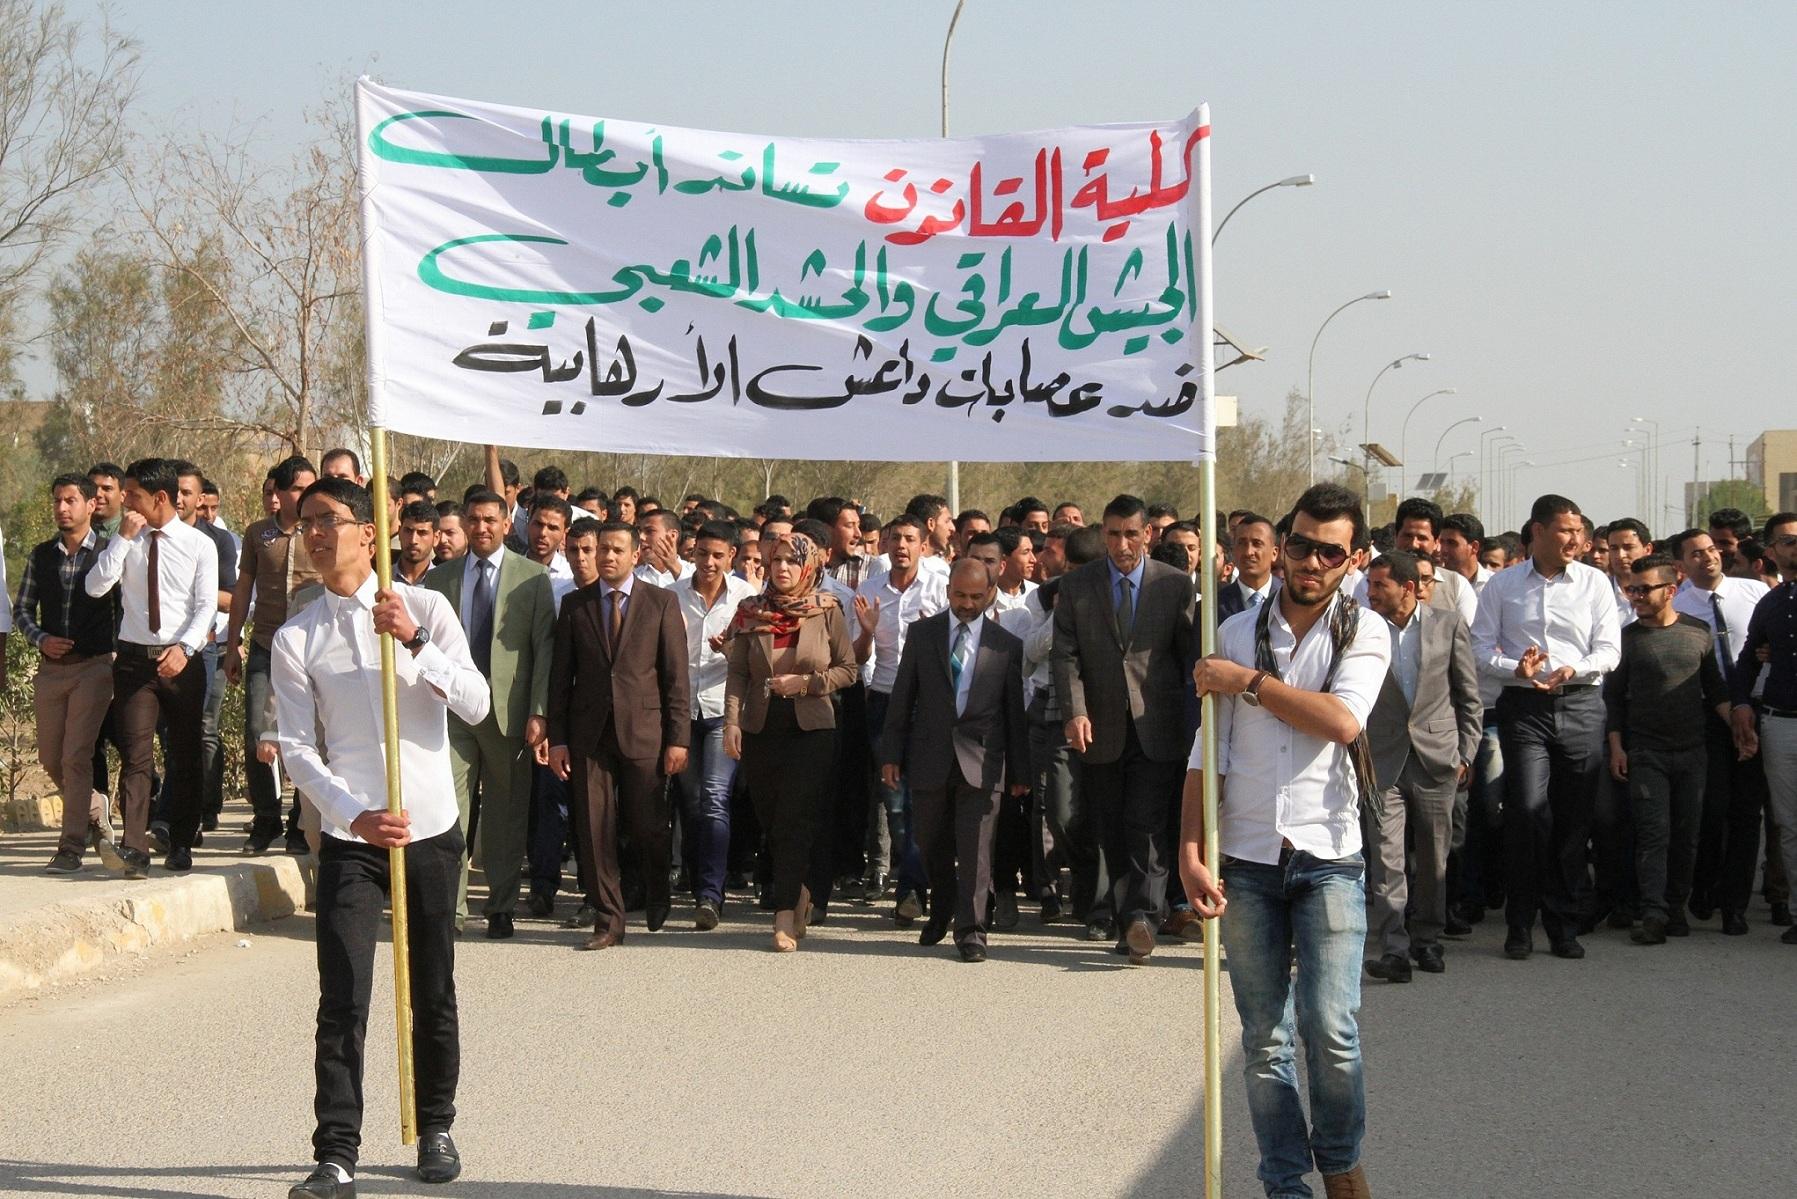 كلية القانون تحتشد لمؤازرة الجيش العراقي والحشد الشعبي في ( اسبوع التضامن)